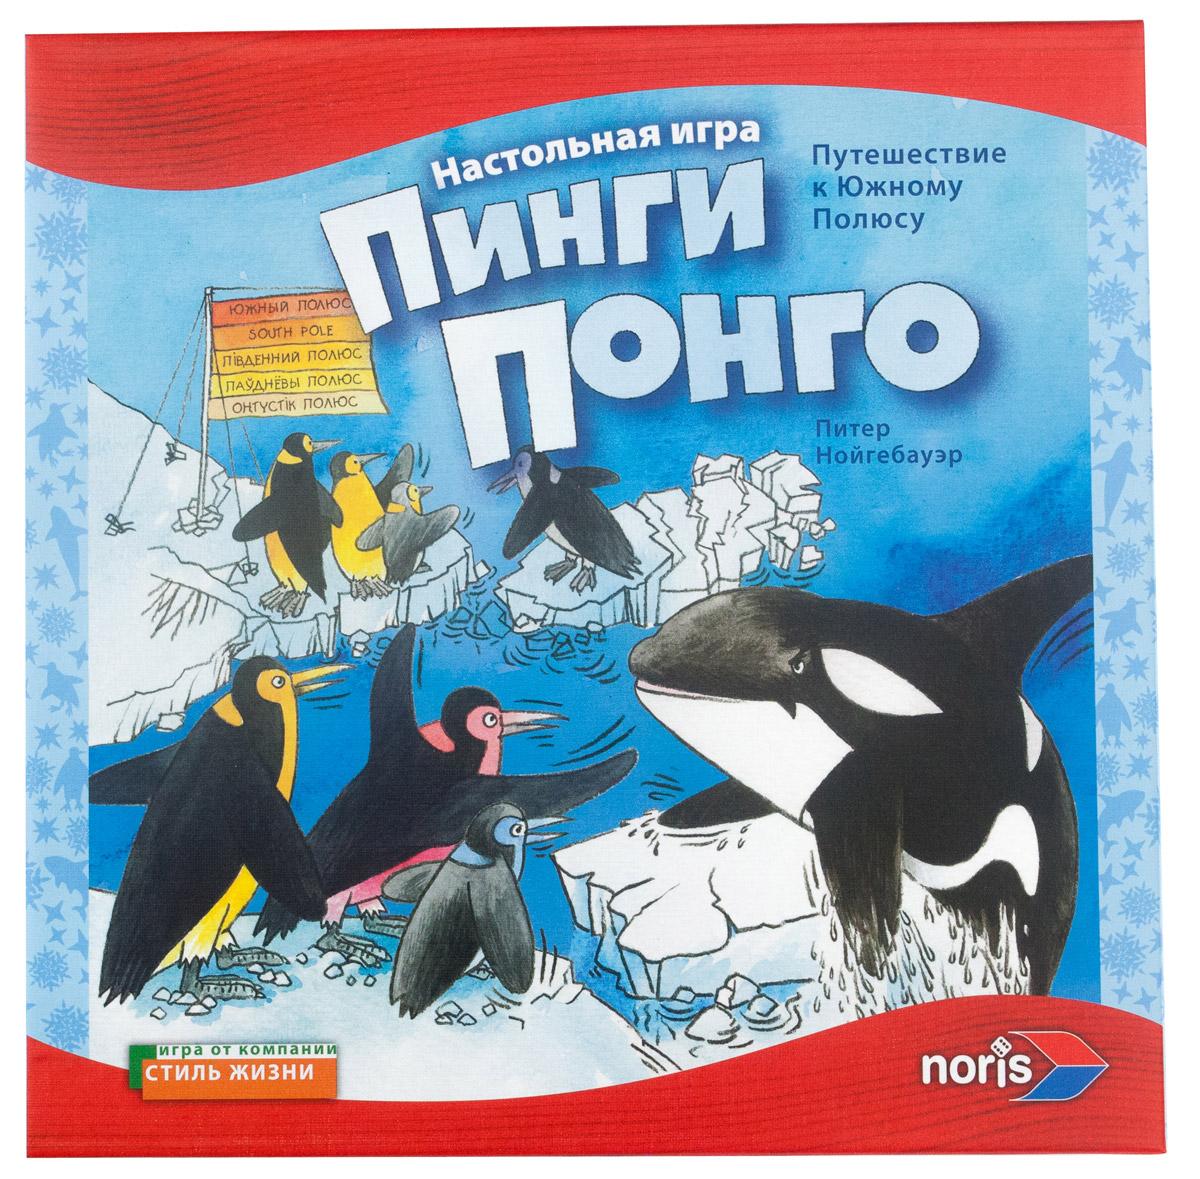 Noris Spiele Настольная игра Пинги Понго4650000320569Совершите увлекательное путешествие к Южному полюсу! Помогите семье пингвинов быстрее всех добраться домой. Кидайте кубик, отсчитывайте шаги, старайтесь сократить дорогу вплавь. Но избегайте встречи с косаткой и будьте аккуратны с подтаявшими льдинками. Тот, кто первым приведет своих пингвинов к Южному Полюсу, станет победителем! Настольная игра Noris Spiele Пинги Понго рассчитана на двух-четырех игроков от пяти лет. Продолжительность игры - 20 минут.